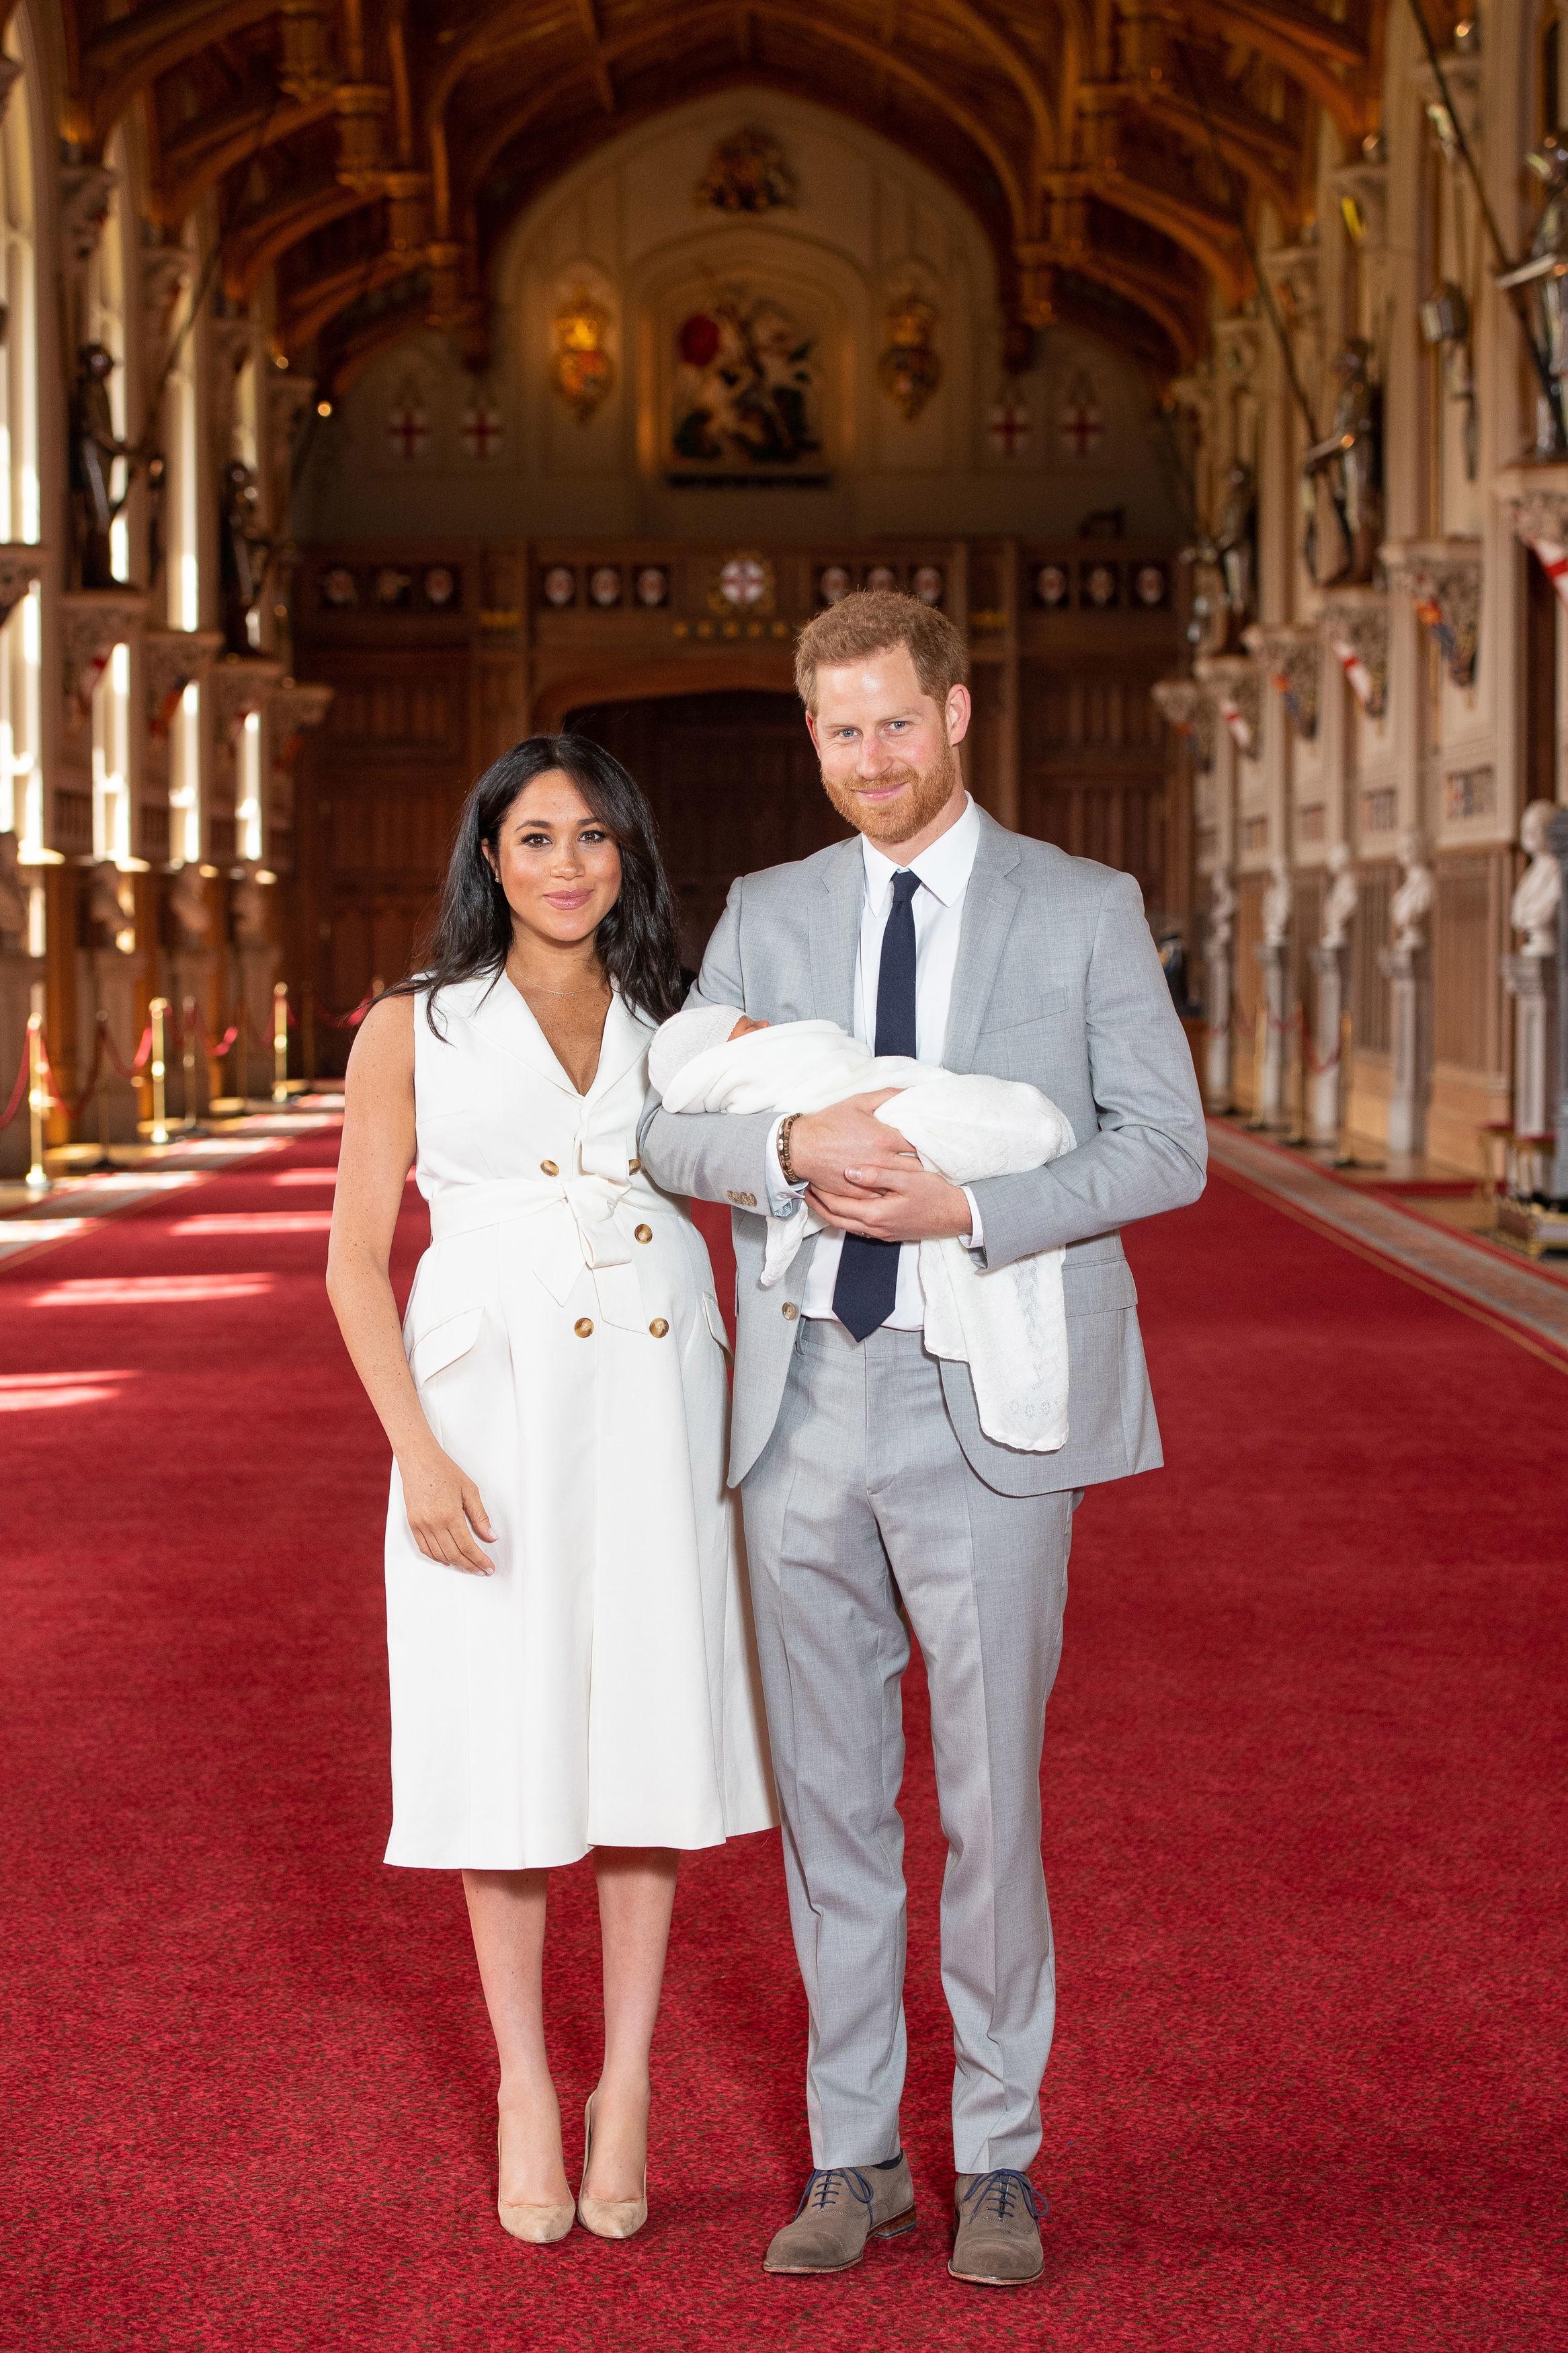 """Говорейки за техните първи дни като родители Меган сподели """"магическо е, направо невероятно. Имам двамата най-добри мъже в света, така че съм наистина щастлива"""".<br /> """"Страхотно е. Родителството е невероятно"""", добавя херцогът."""